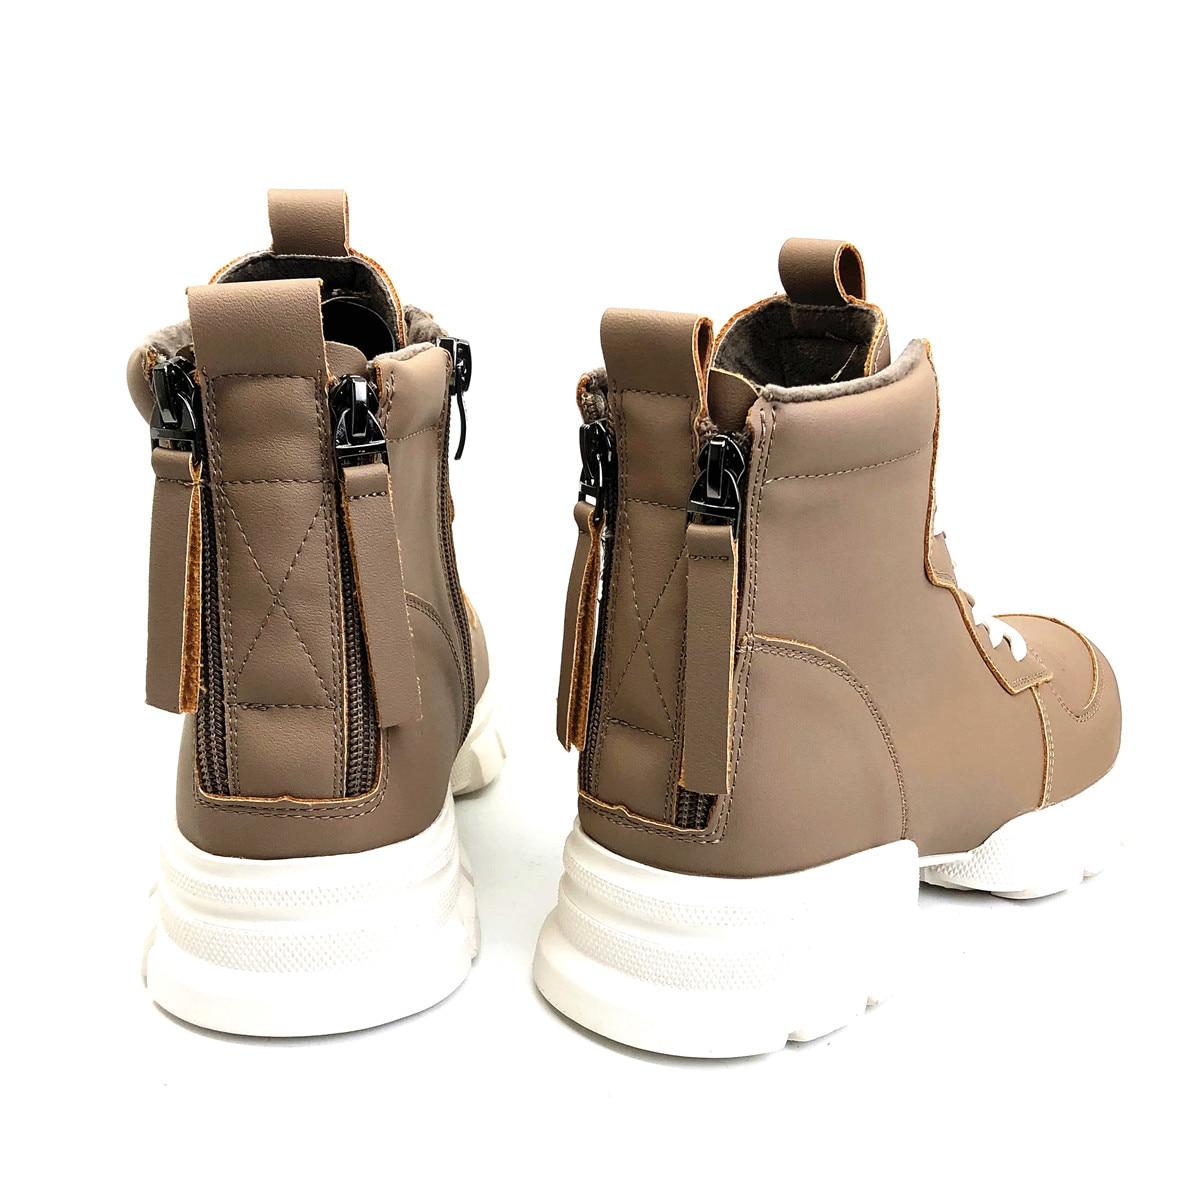 CAILASTE/женские кроссовки; ботинки со шнуровкой на молнии; ботинки шнурки для отдыха; обувь на платформе с бархатной стелькой; спортивные женск... - 4